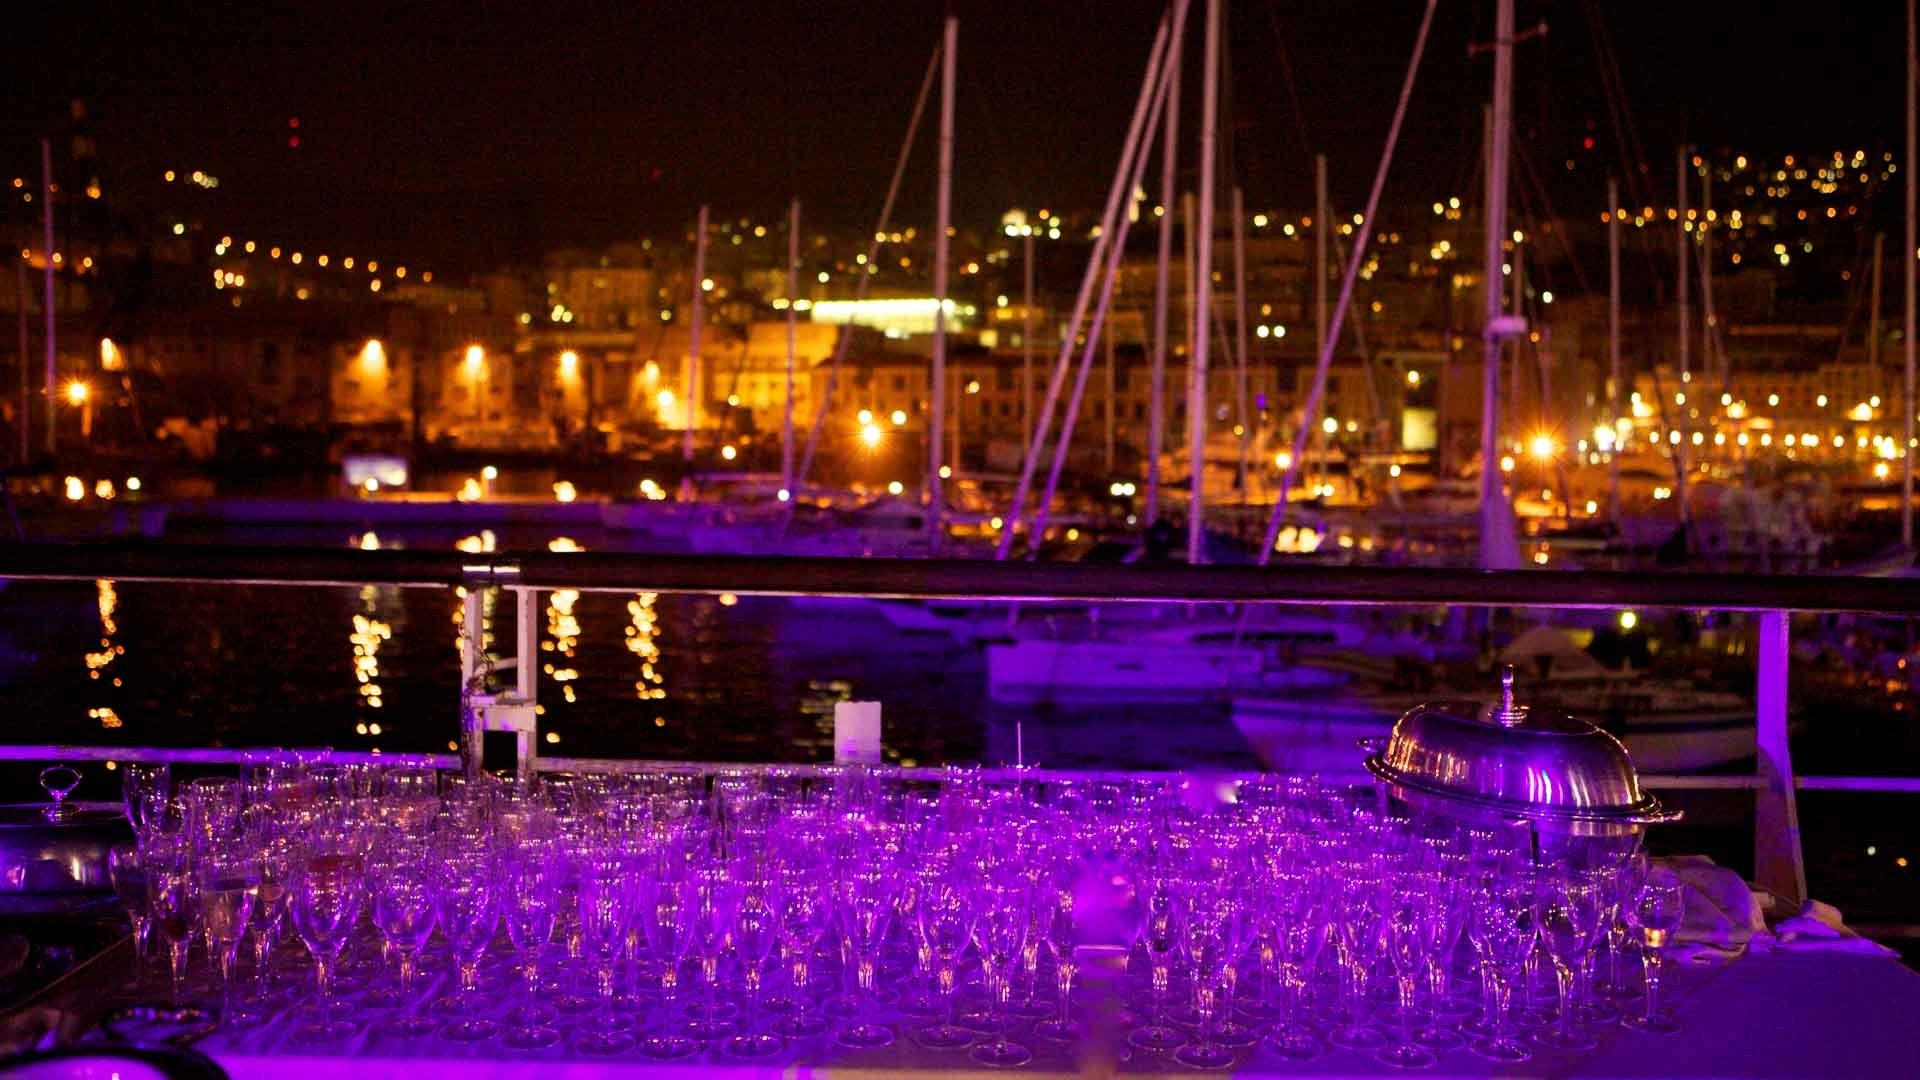 Acquario di Genova evento aziendale all'aperto particolare del tavolo per il buffet degli apertivi allestito sulla tonda con bicchieri che trasmettono luce viola